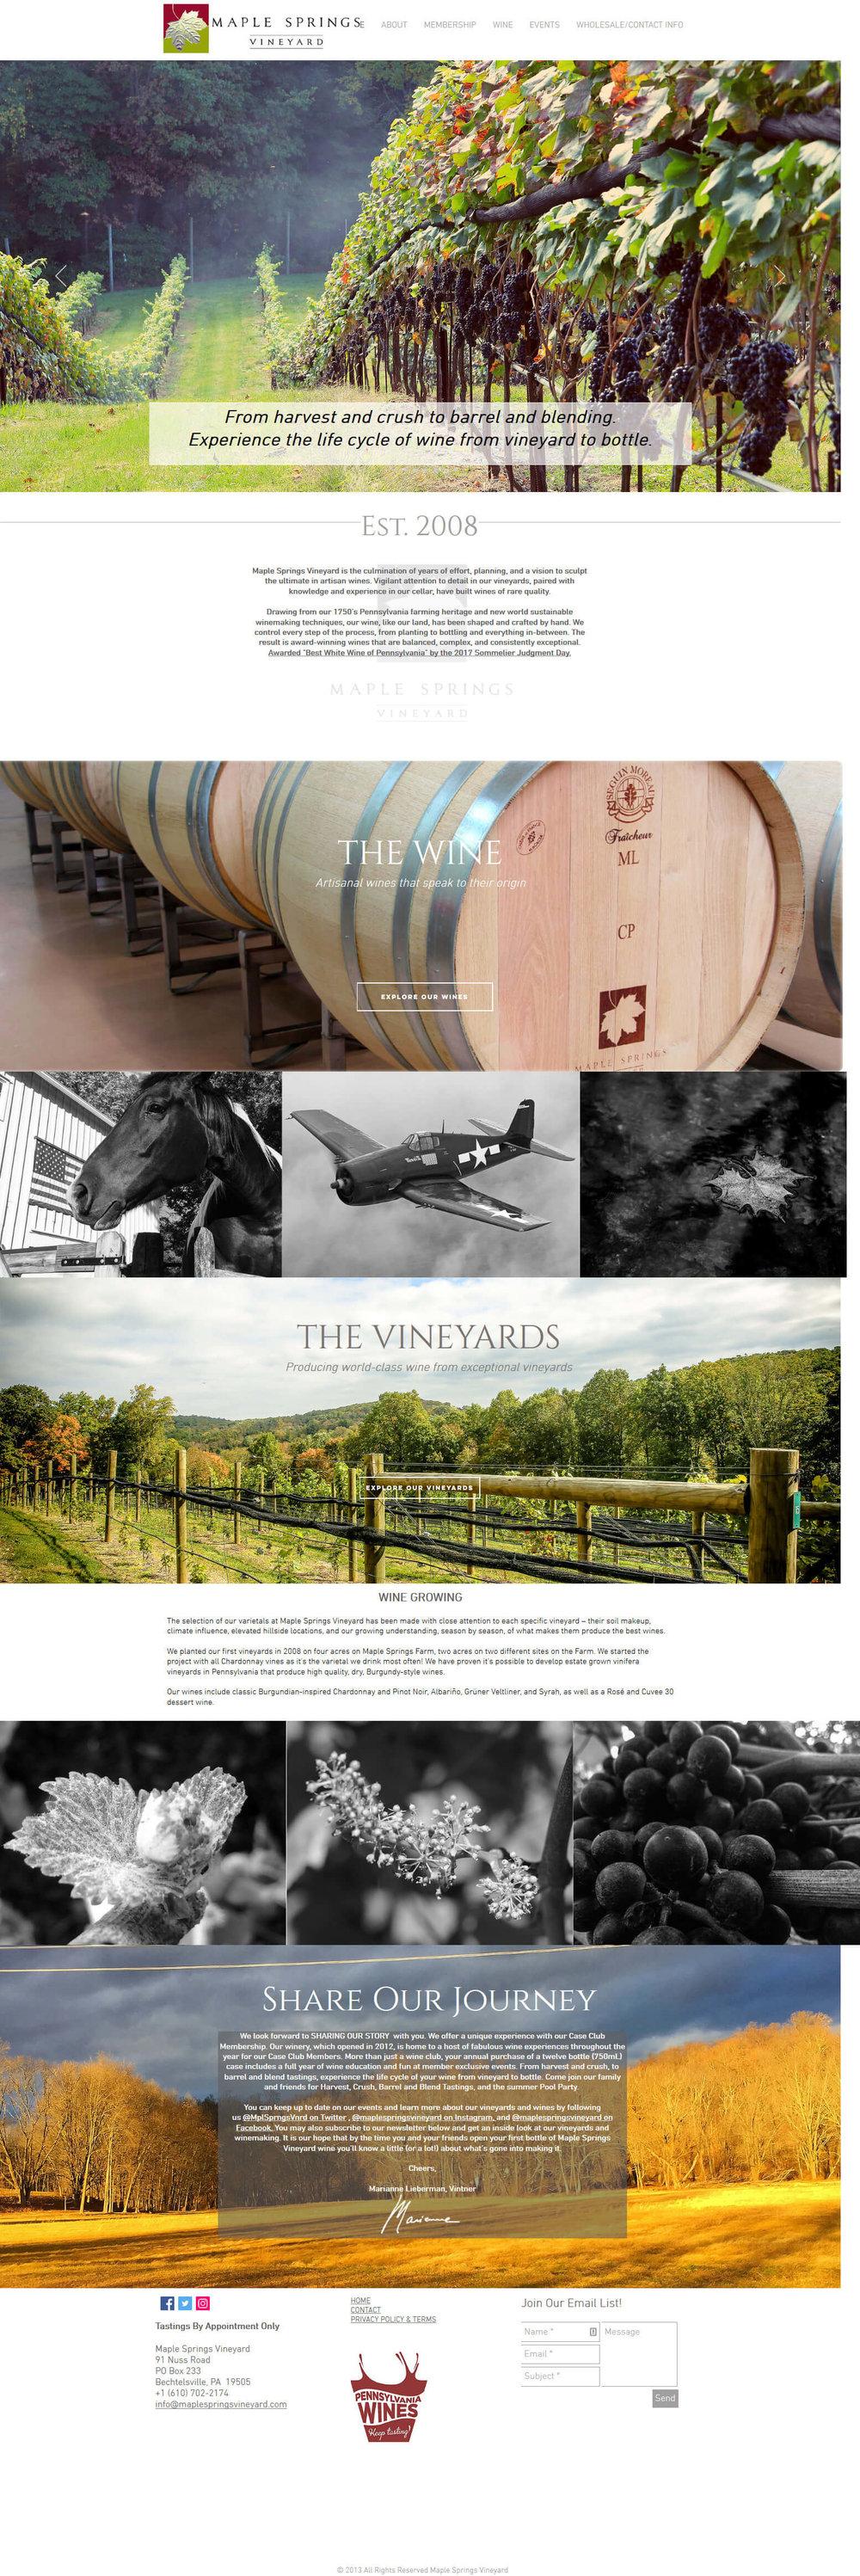 Maple Springs Vineyard winery website design